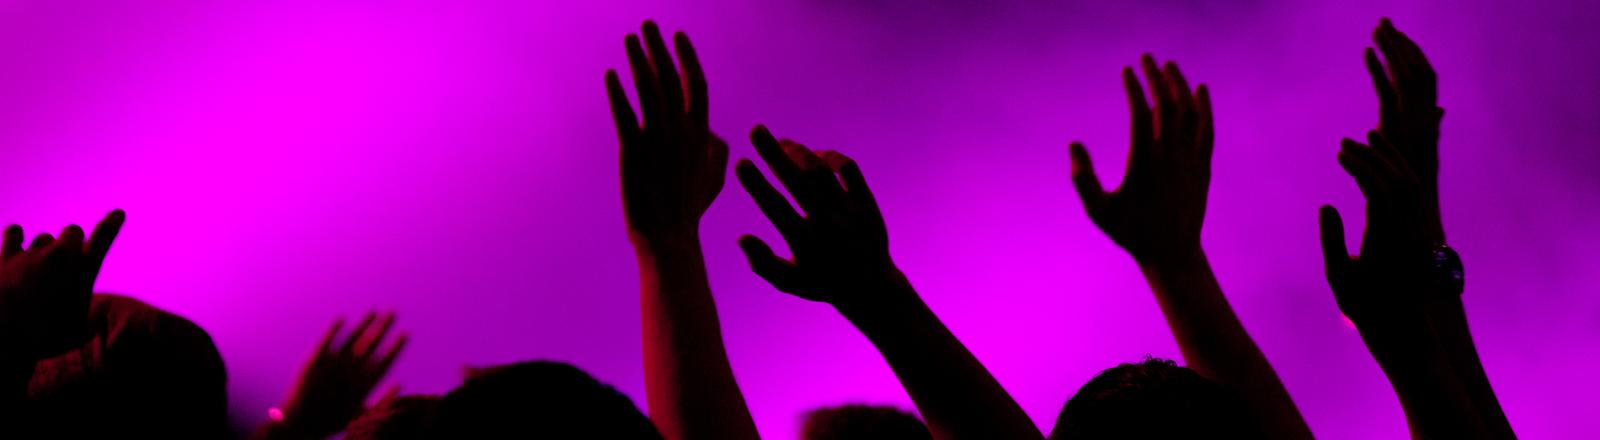 Menschen recken die Arme bei einem Konzert in die Höhe